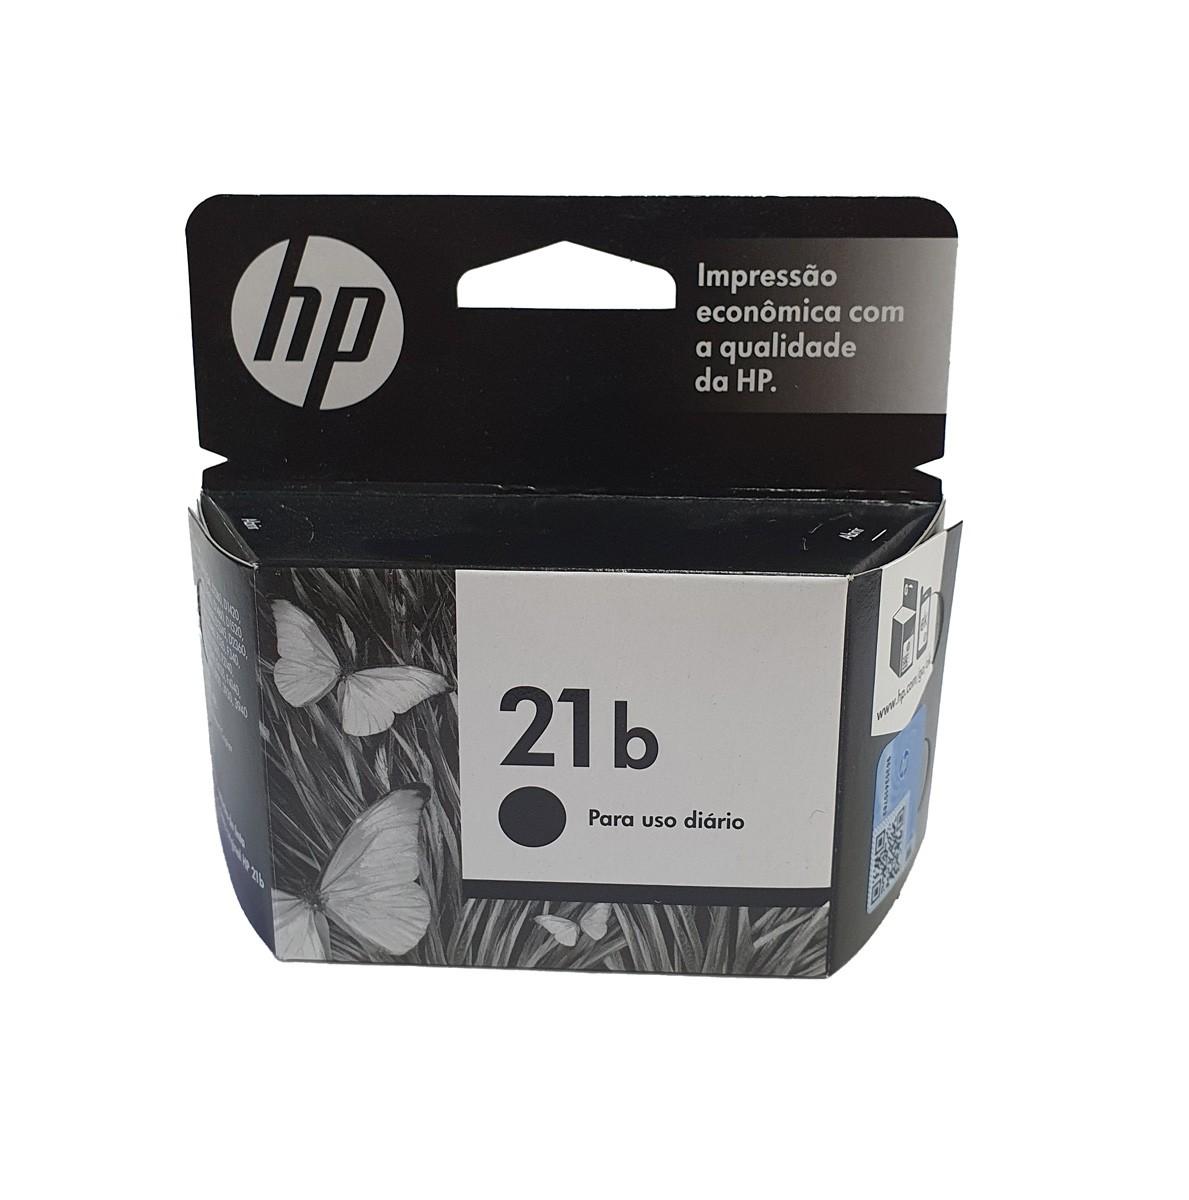 Cartucho HP 21b C9351BB Preto para F4180 D2360 5ml